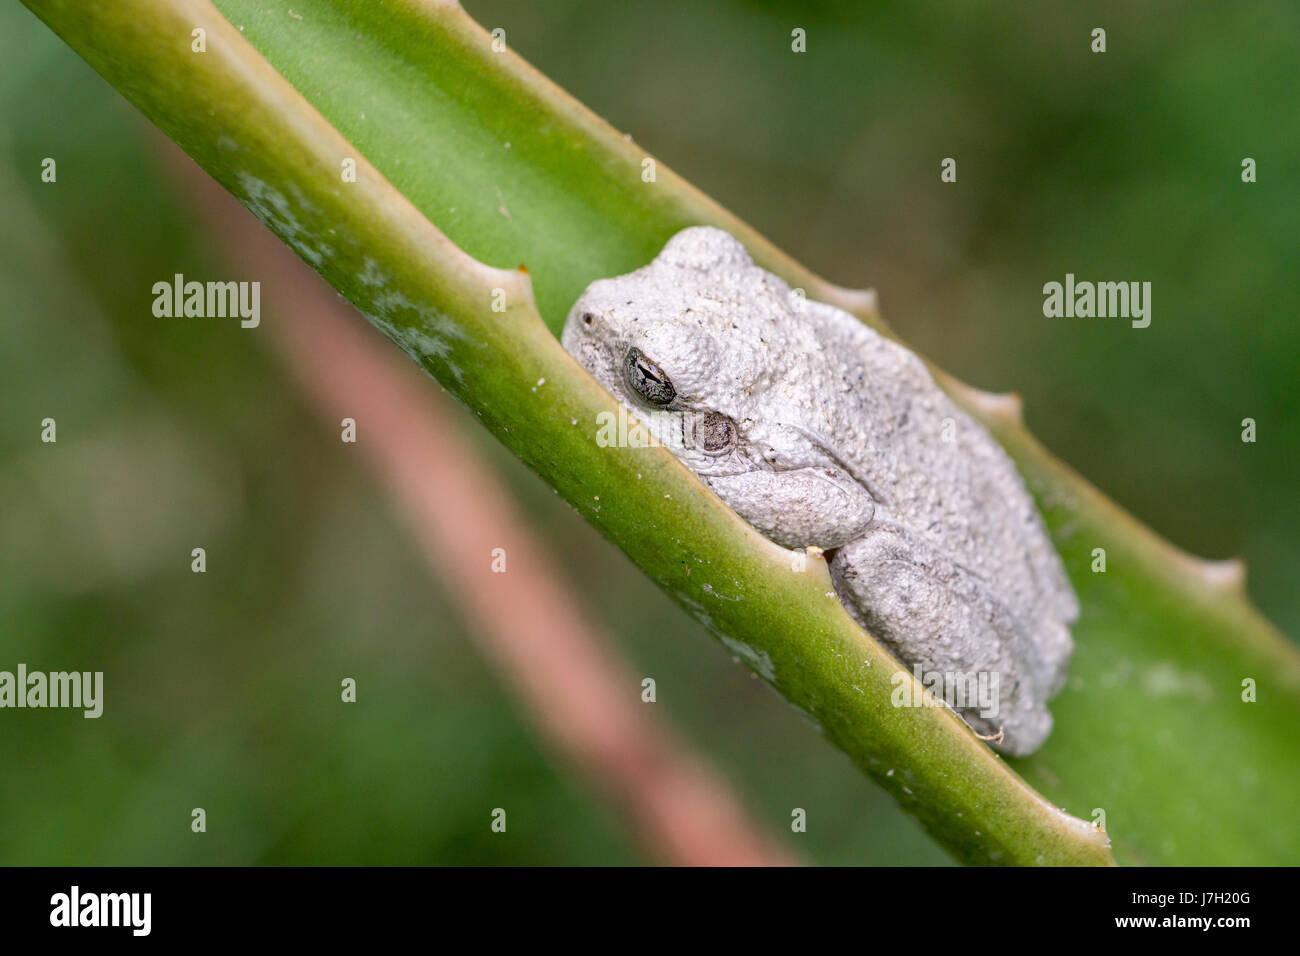 White toad Stock Photo